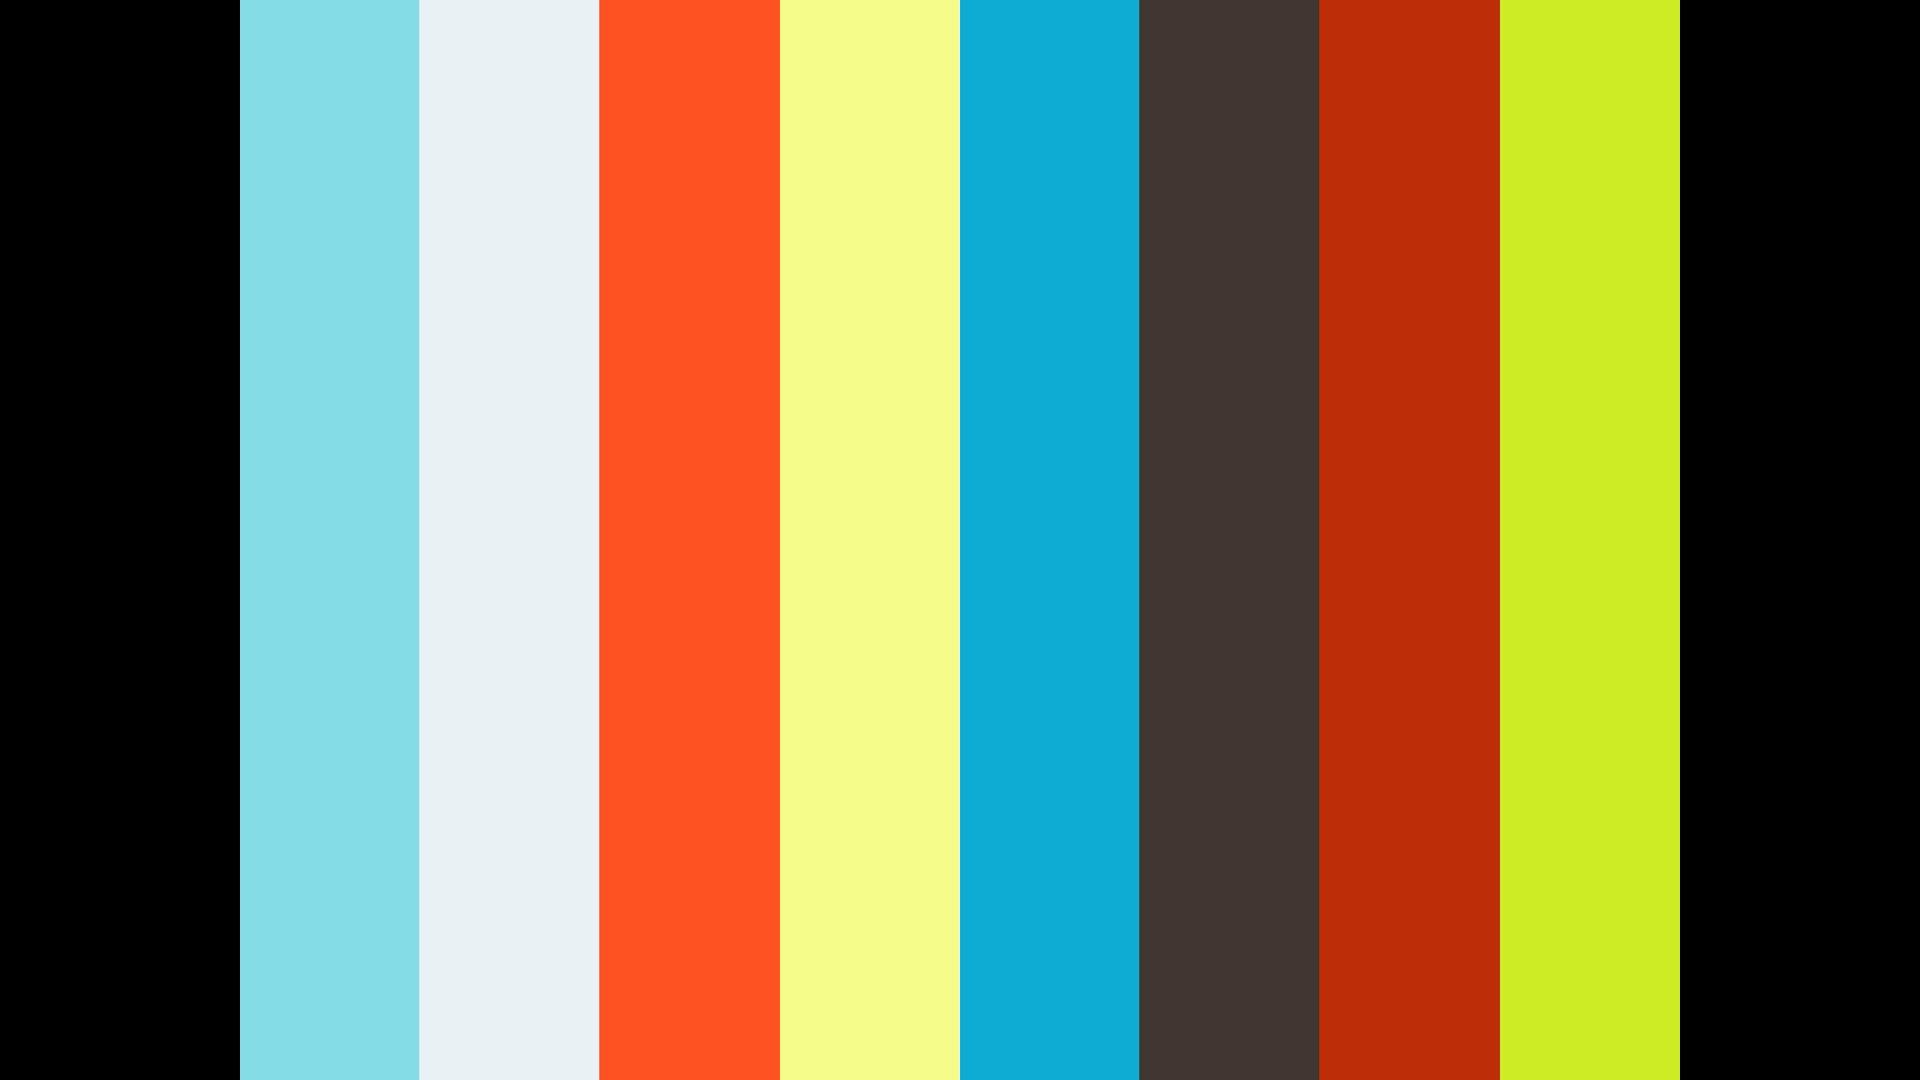 Blaesbjerg.com til kaffen - Mailmarketing er det fortrukne medie til kommercielle budskaber